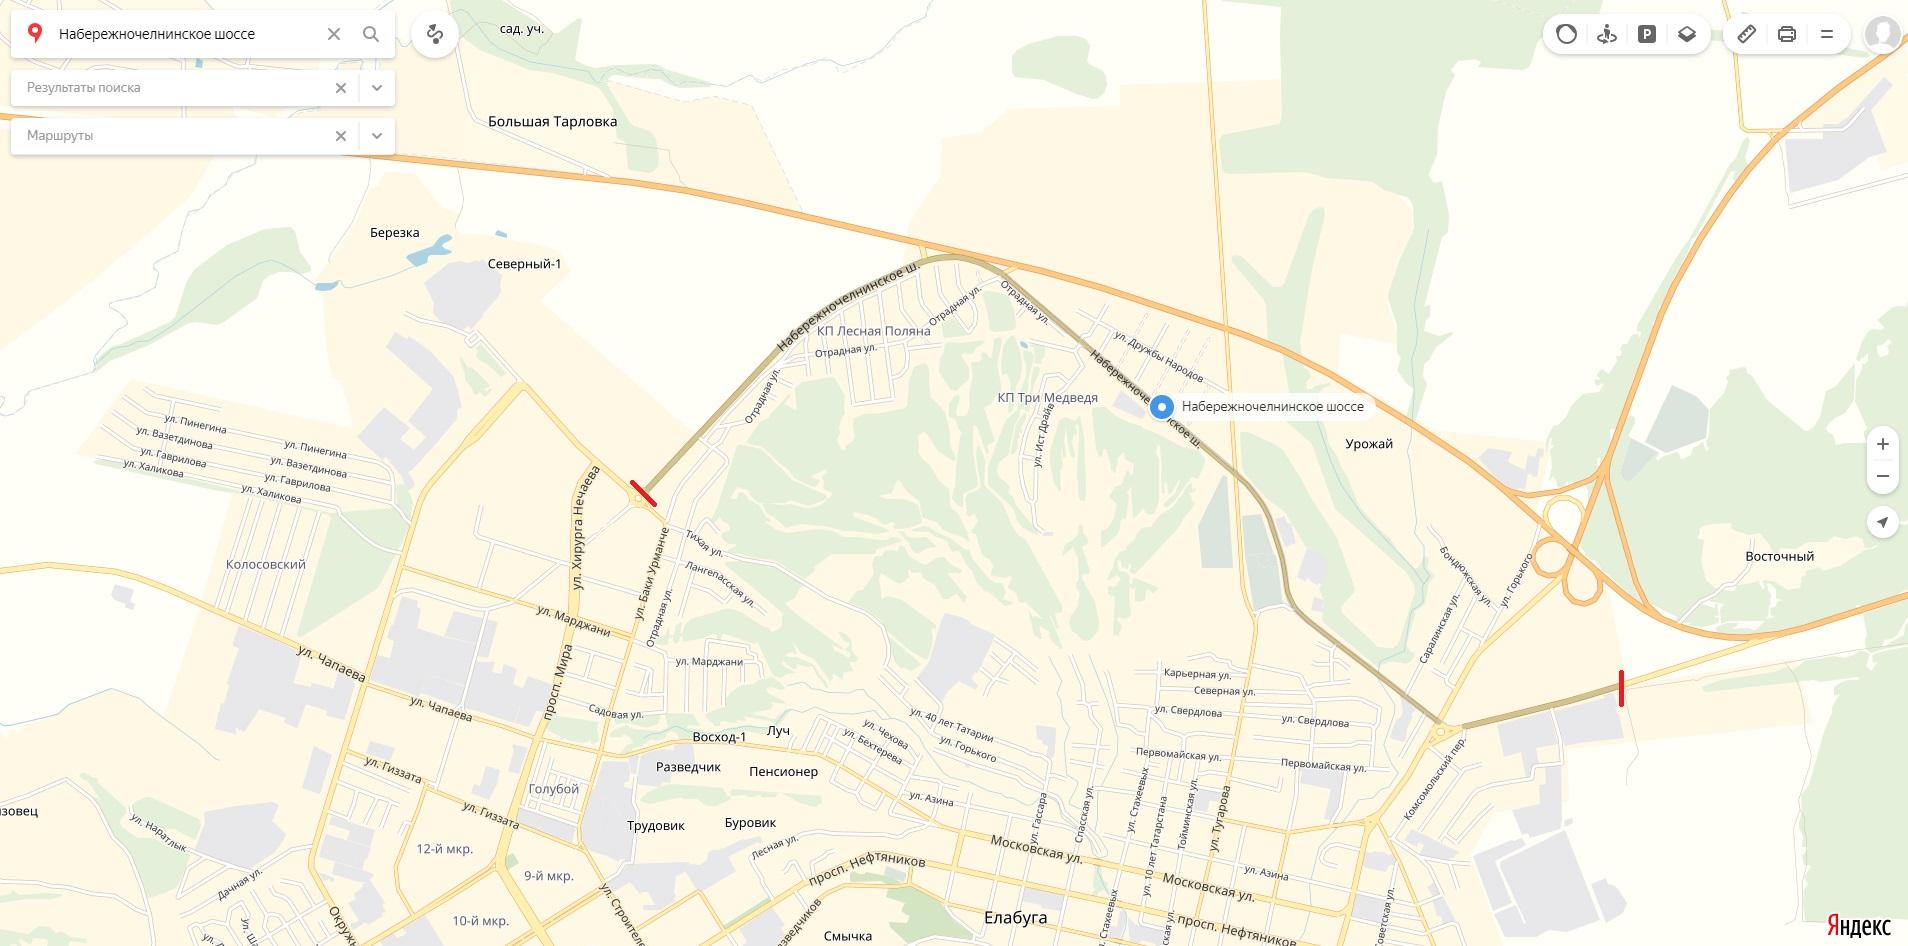 Карта Набережночелнинского шоссе Елабуги